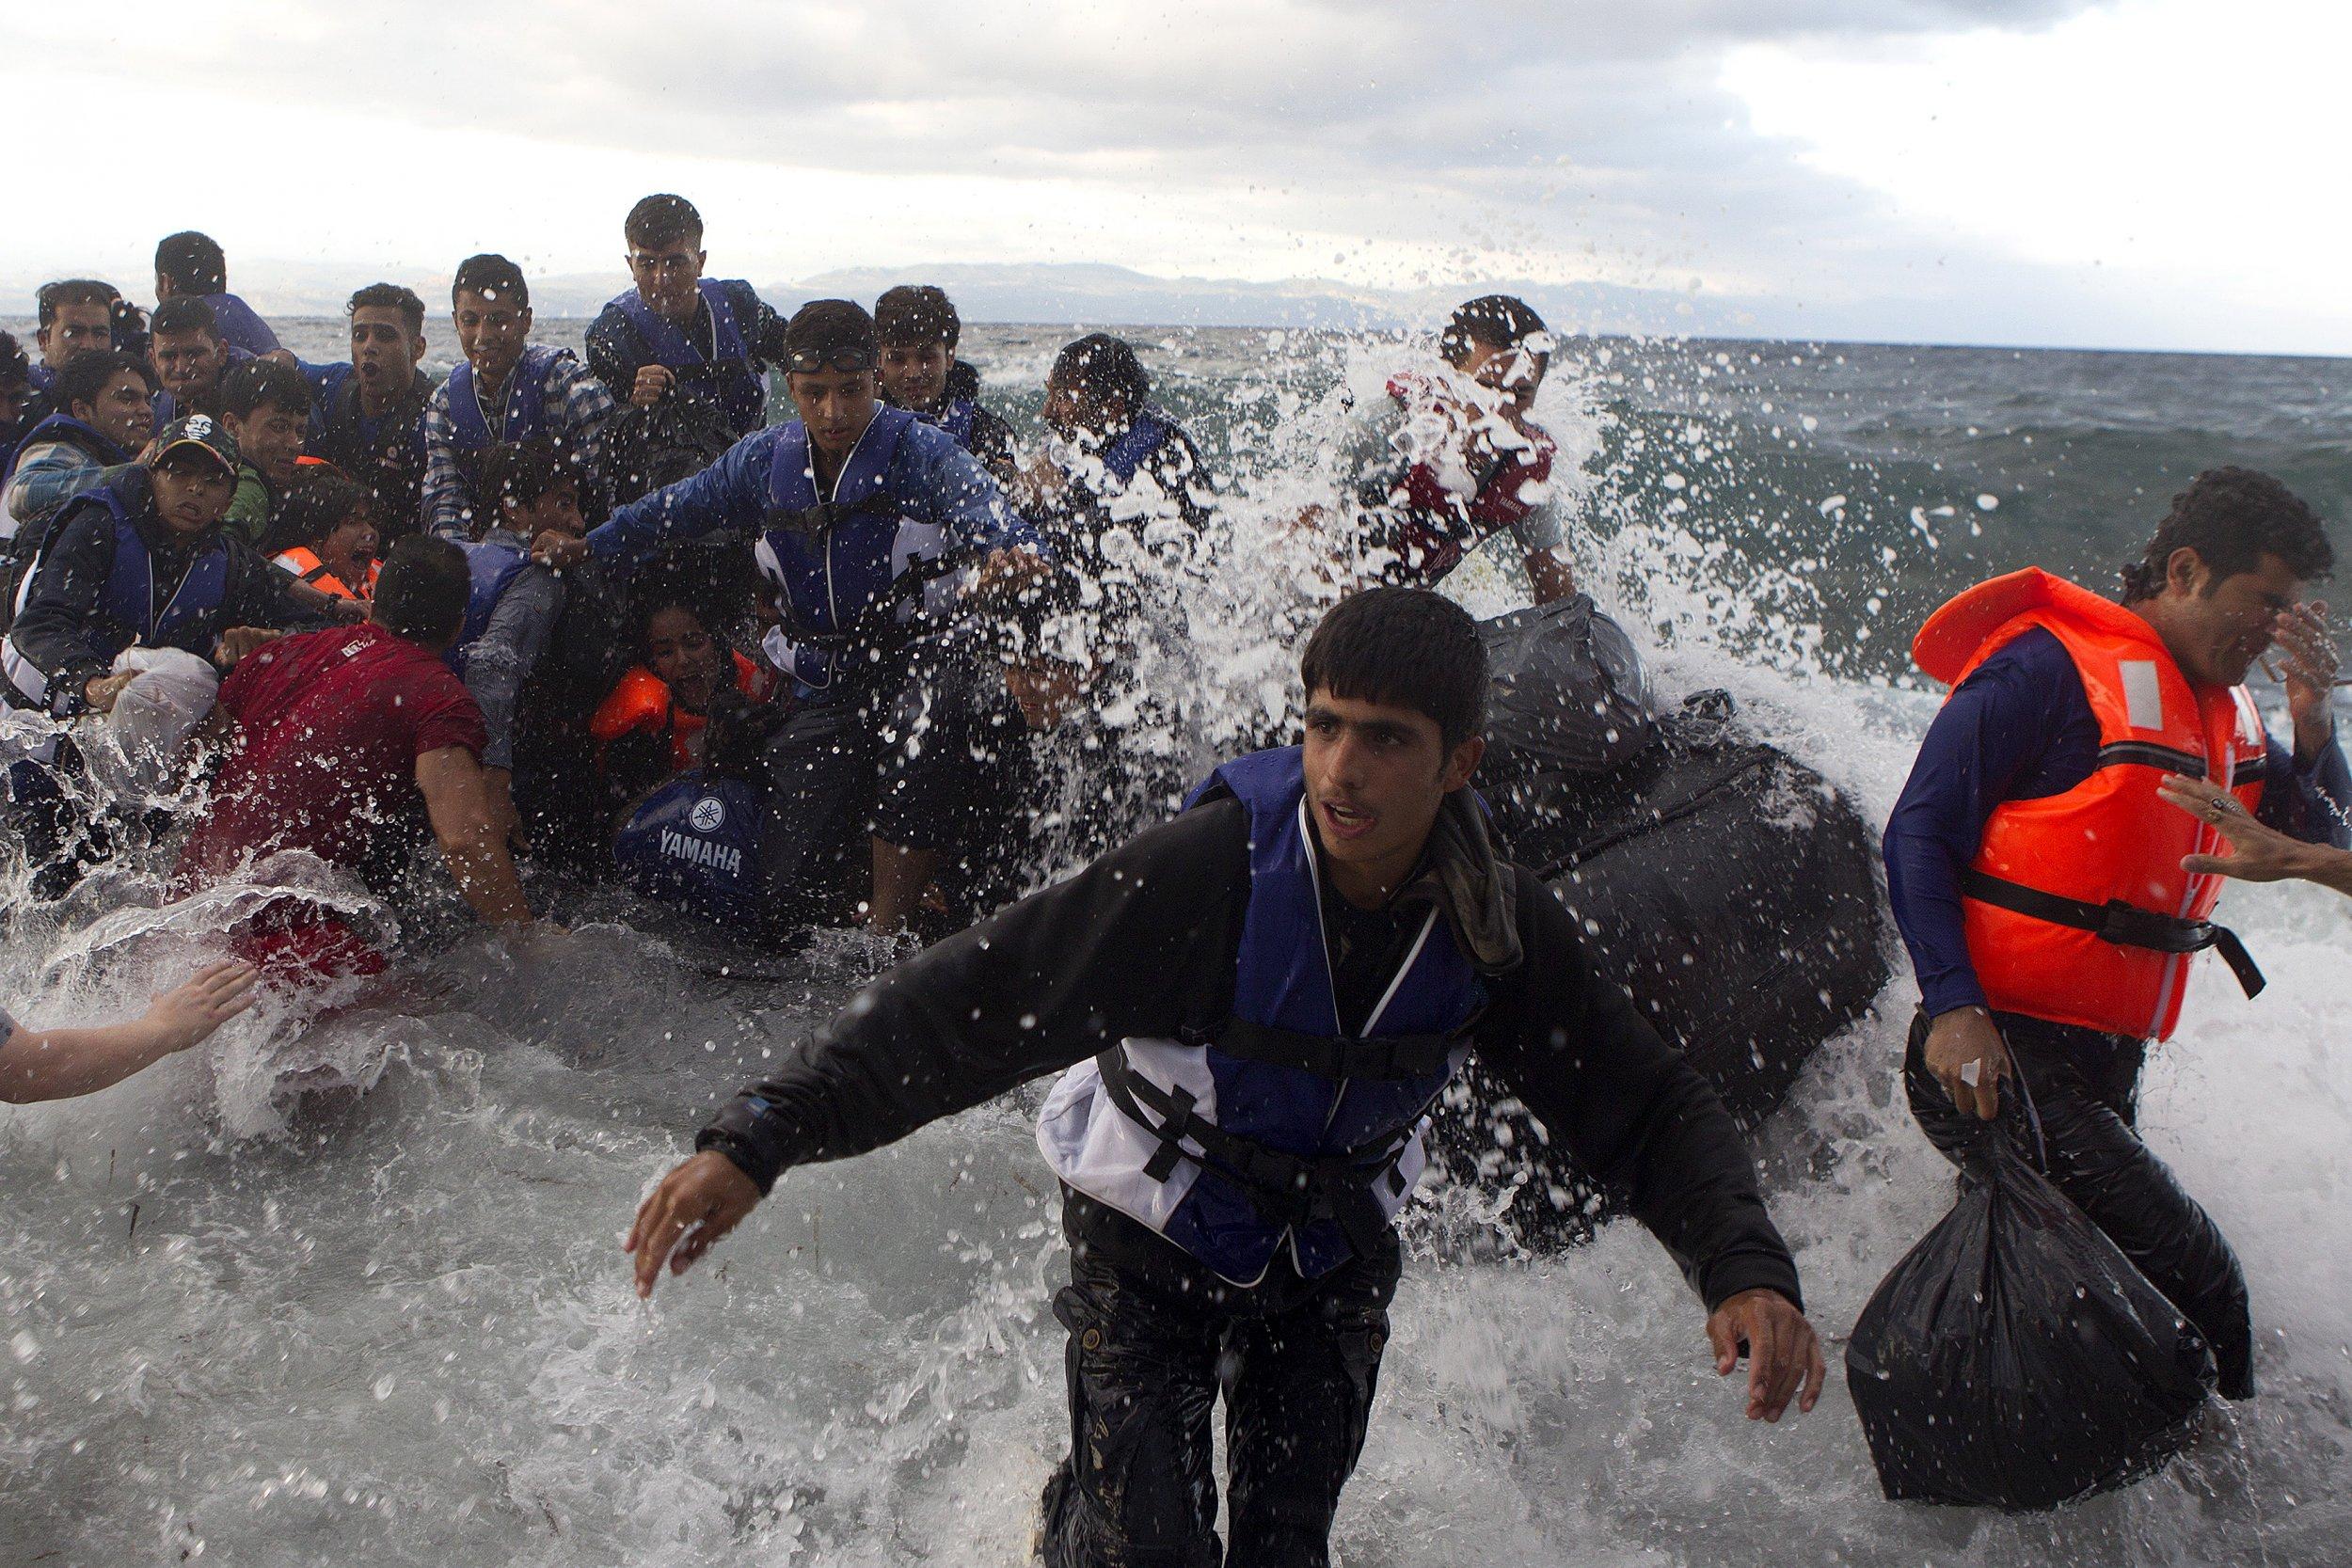 Mediterranean migration